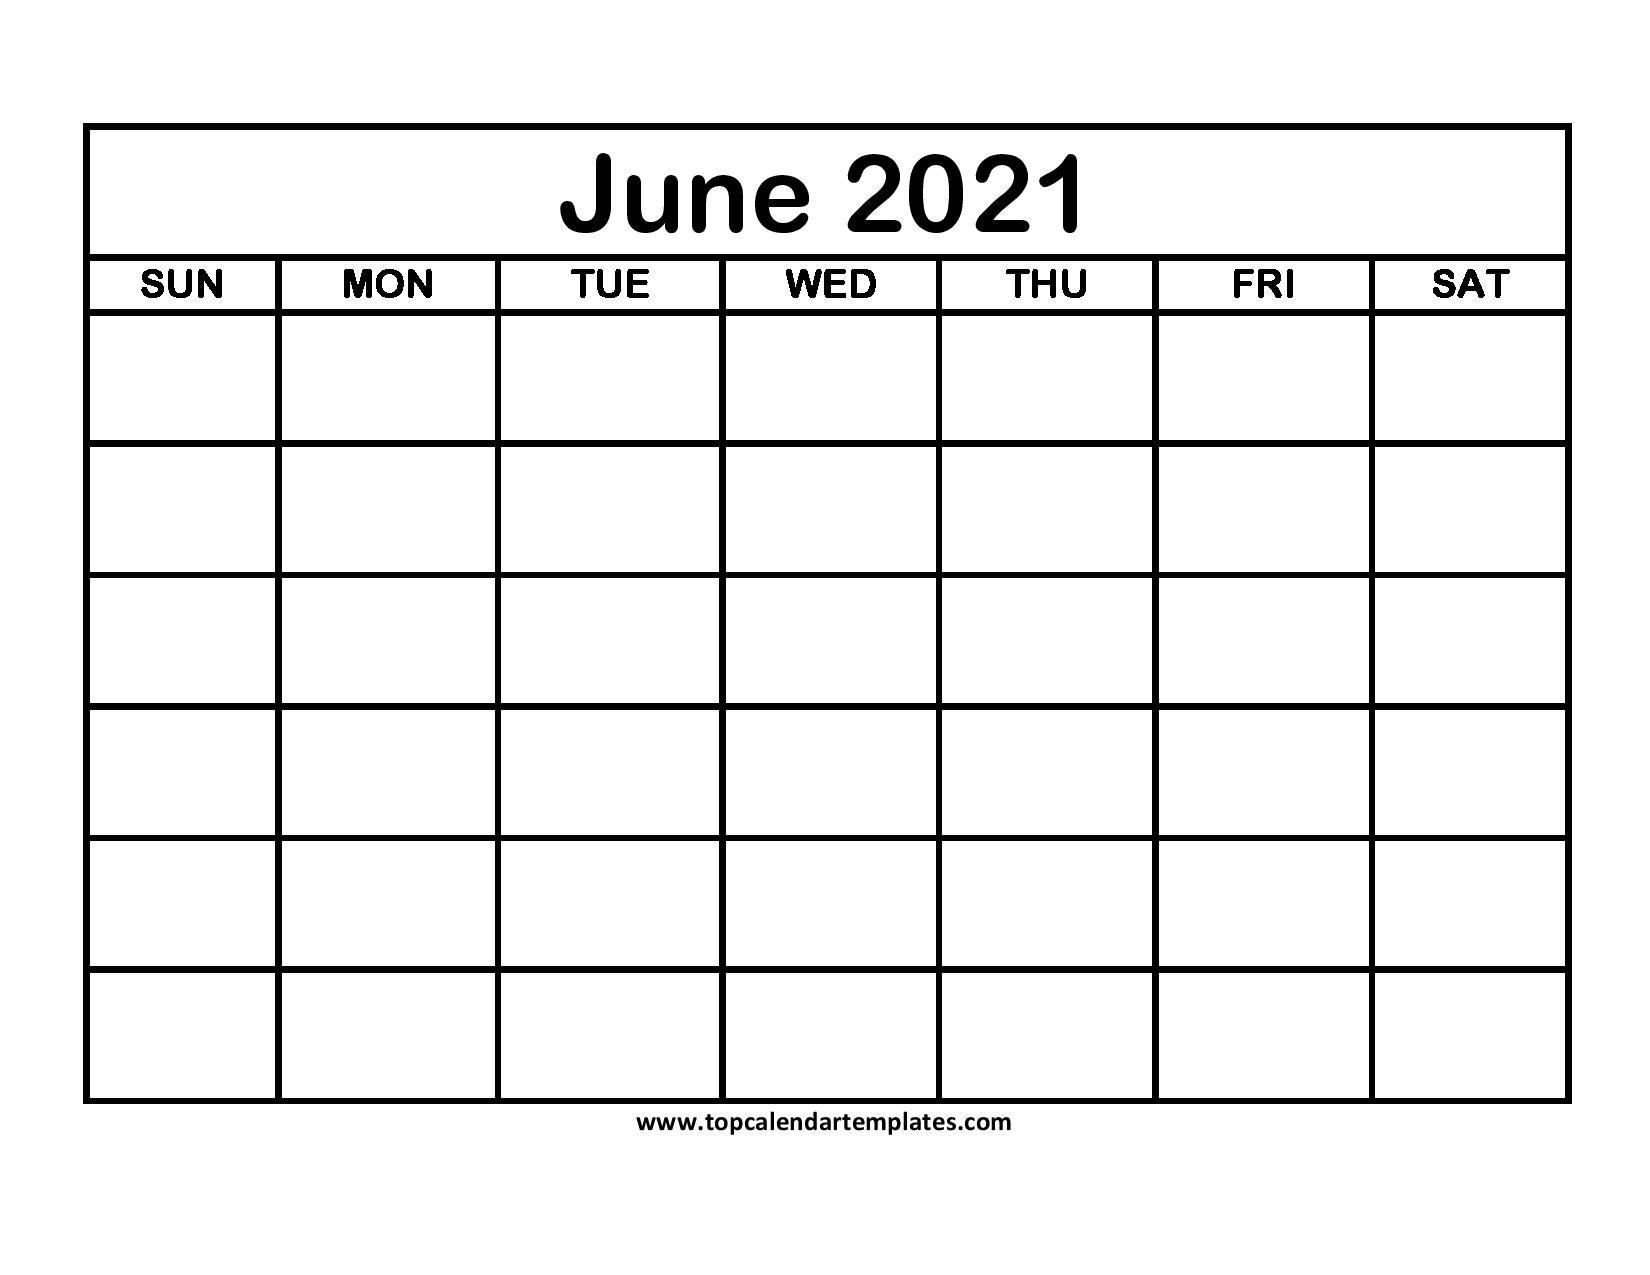 Printable June 2021 Calendar Template - Pdf, Word, Excel